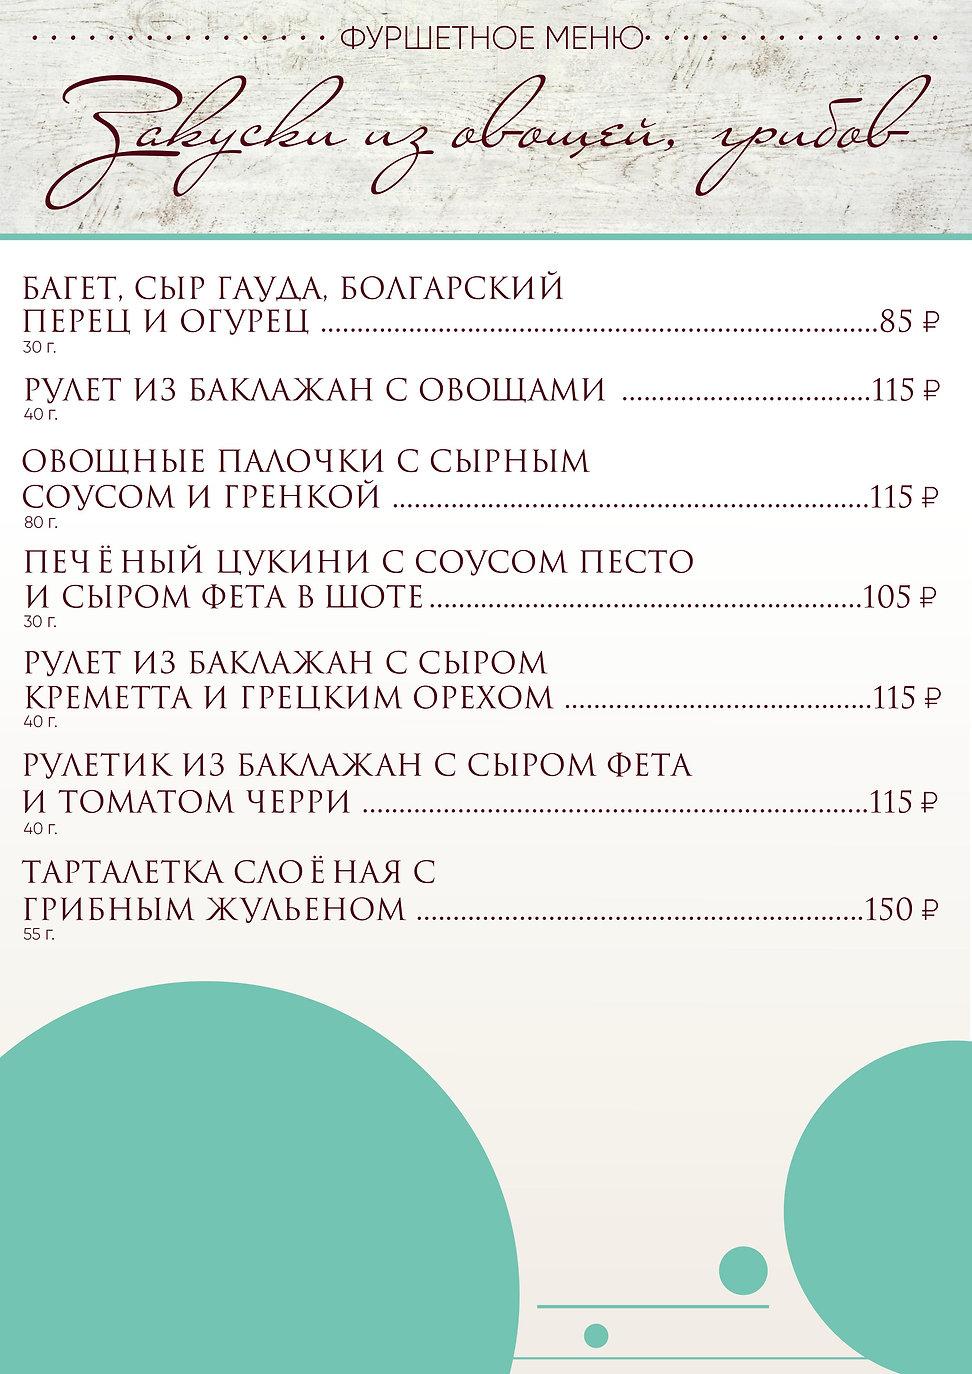 фуршетное меню - 5-2.jpg